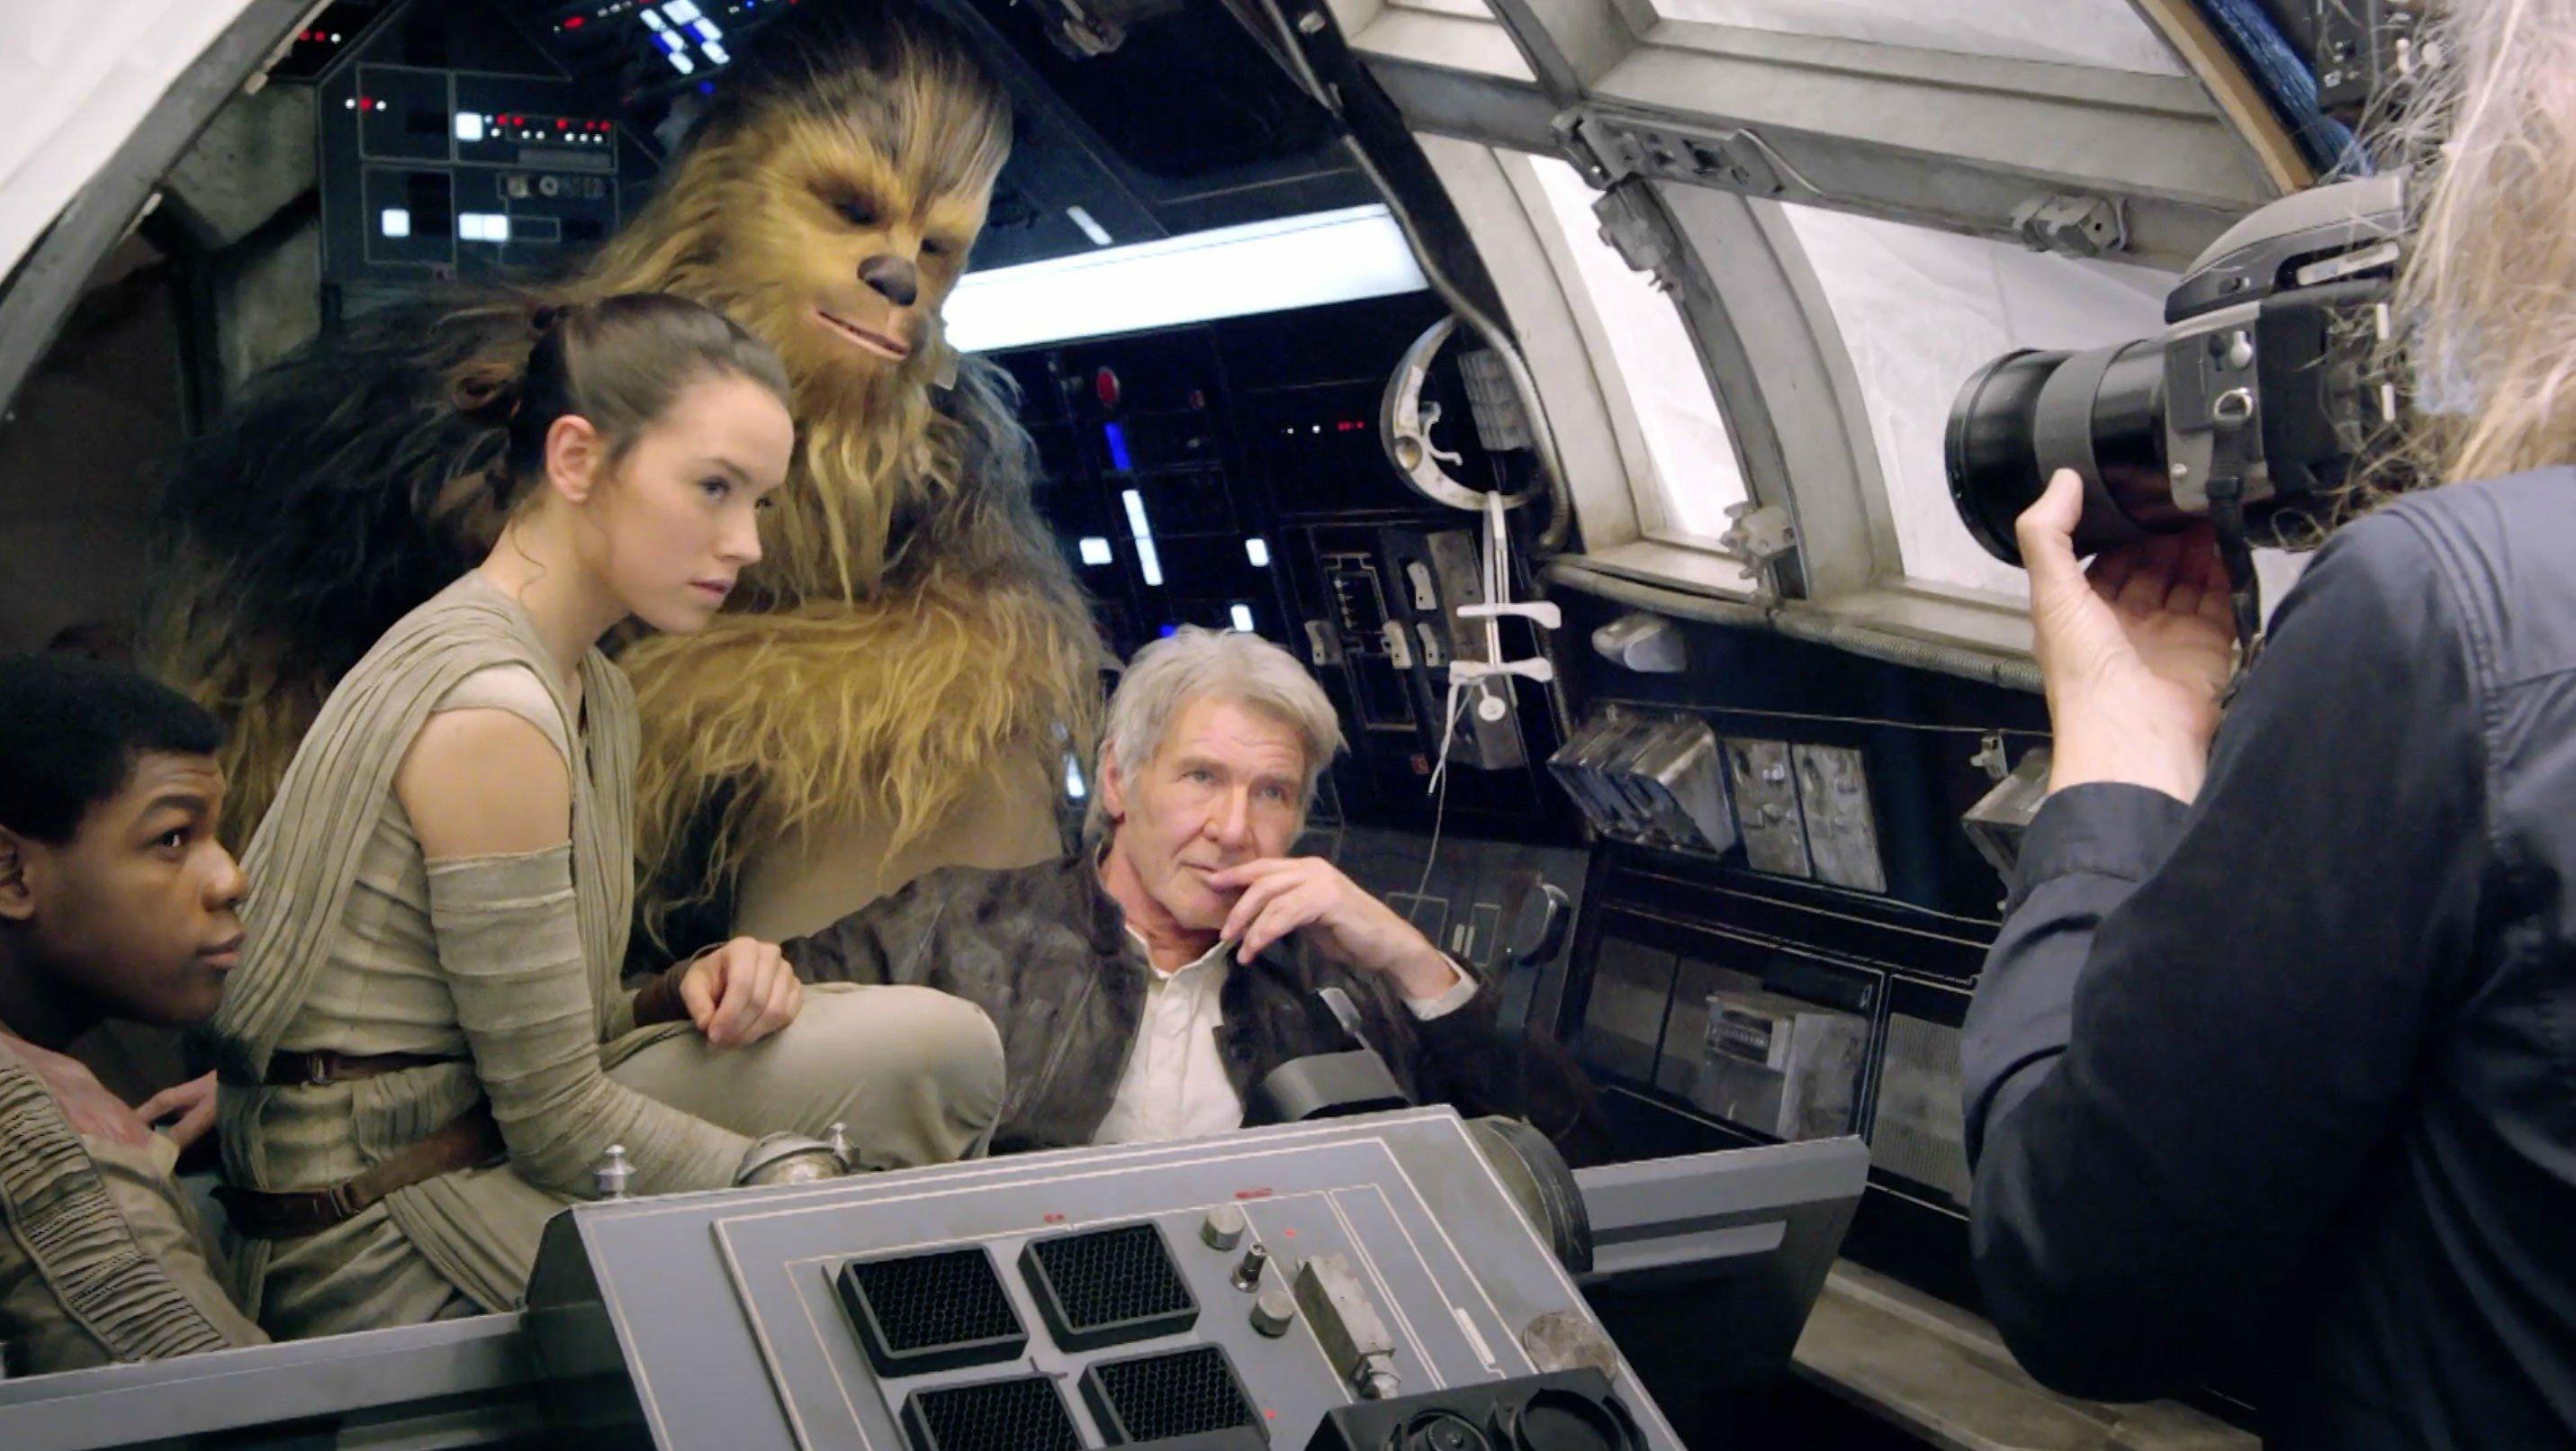 """Это было звездато. Рецензия на """"Звёздные войны: Пробуждение силы"""" - Изображение 4"""